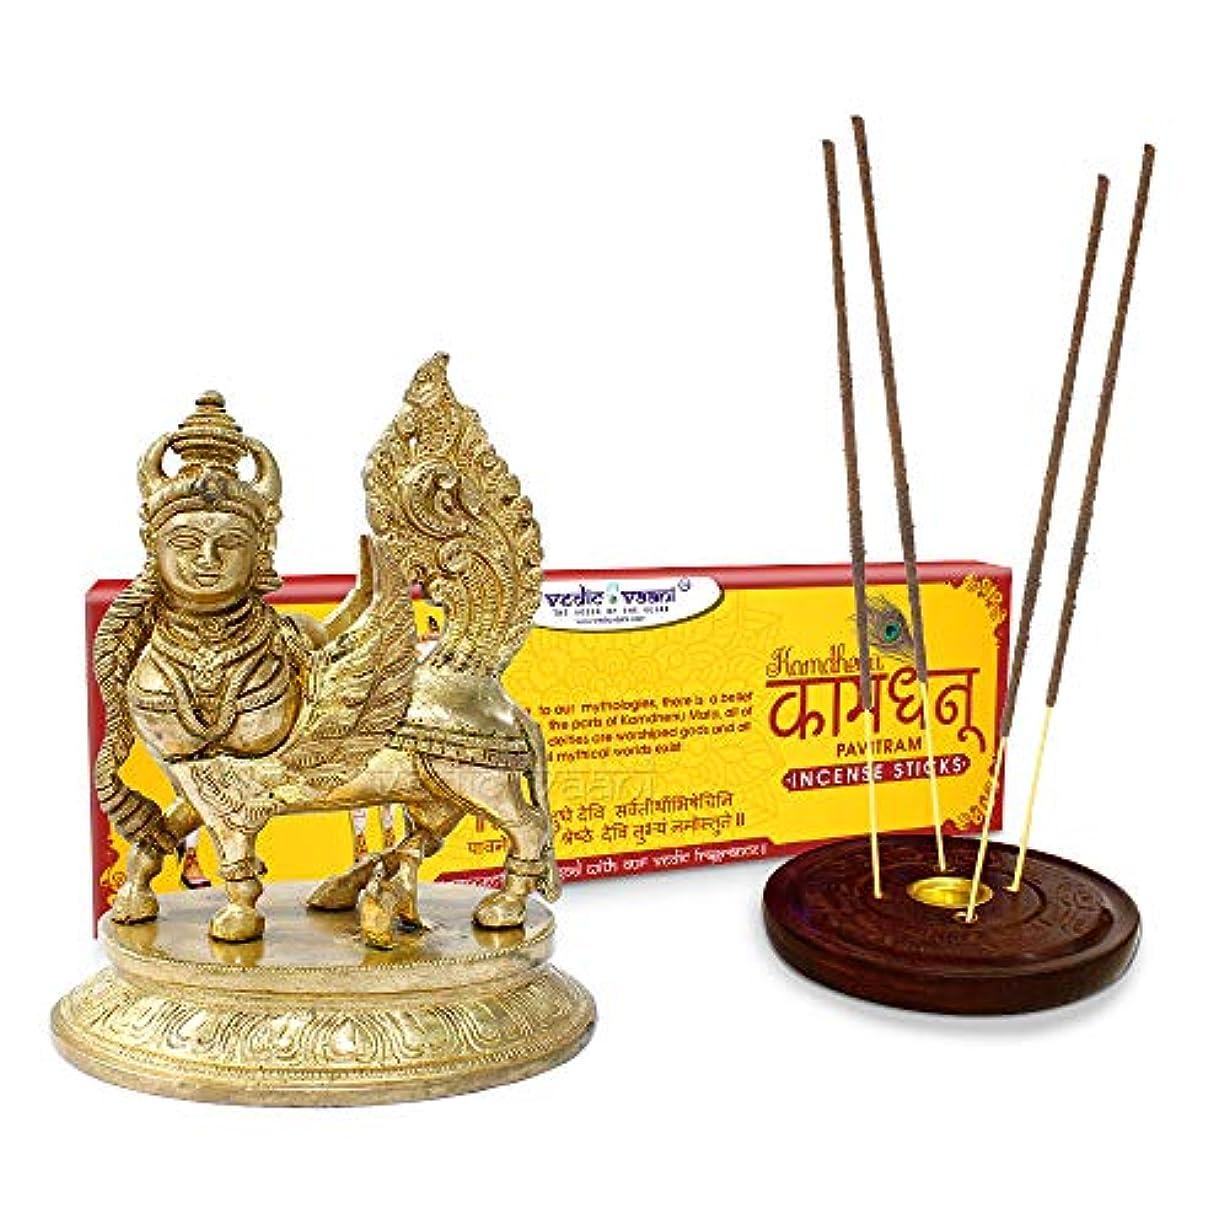 理解人口インポートVedic Vaani Kamdhenu Idol 真鍮製 Kamdhenu お香スティック